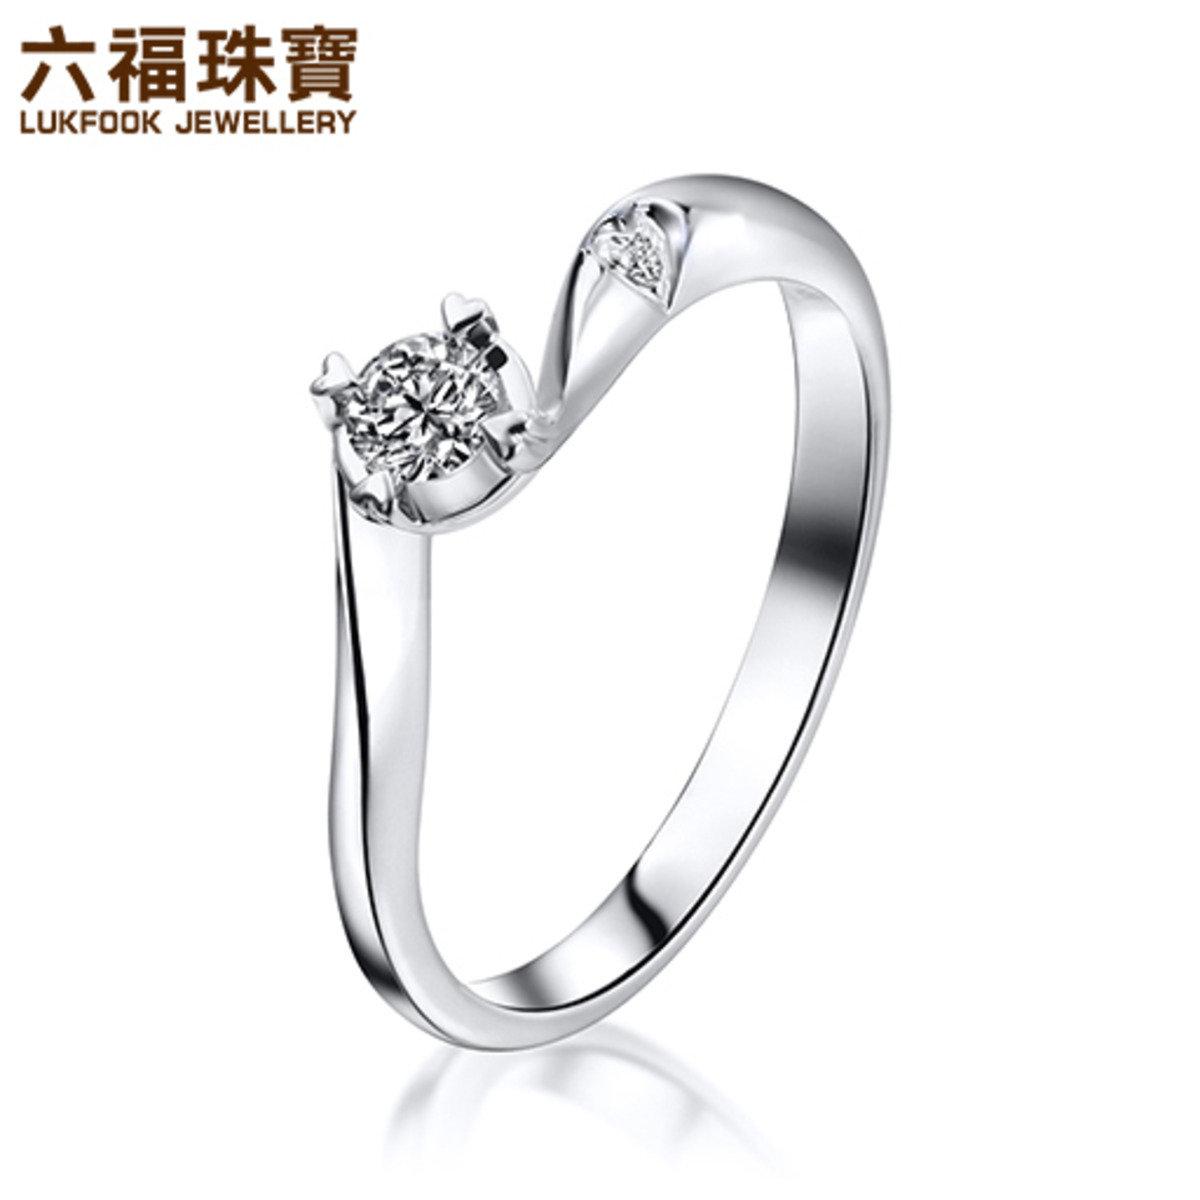 愛很美 18K/750金(白色)鑲單鑽石襯鑽石戒指